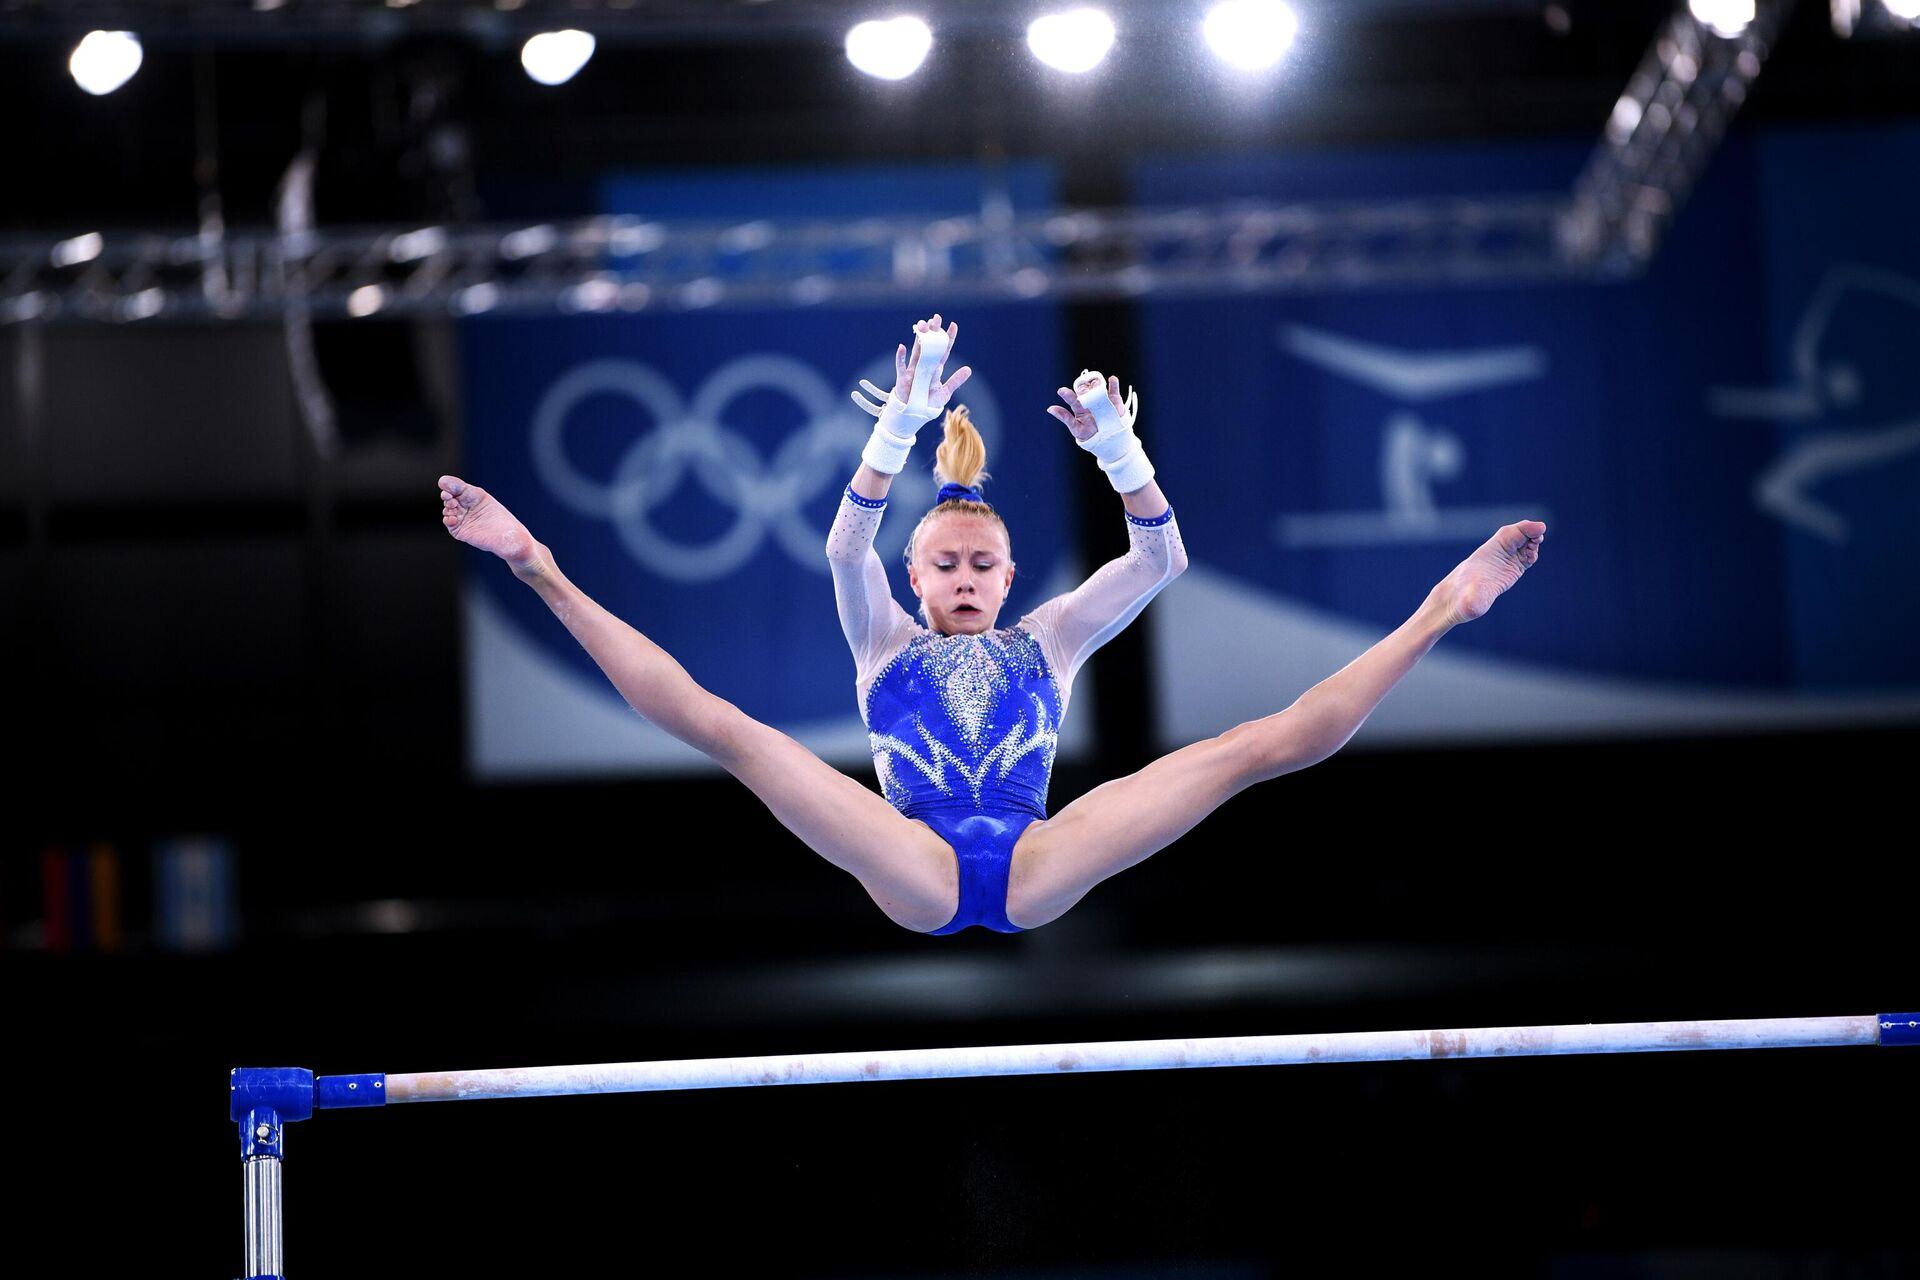 Российская спортсменка Виктория Листунова выполняет упражнения на разновысоких брусьях - Sputnik Беларусь, 1920, 27.07.2021